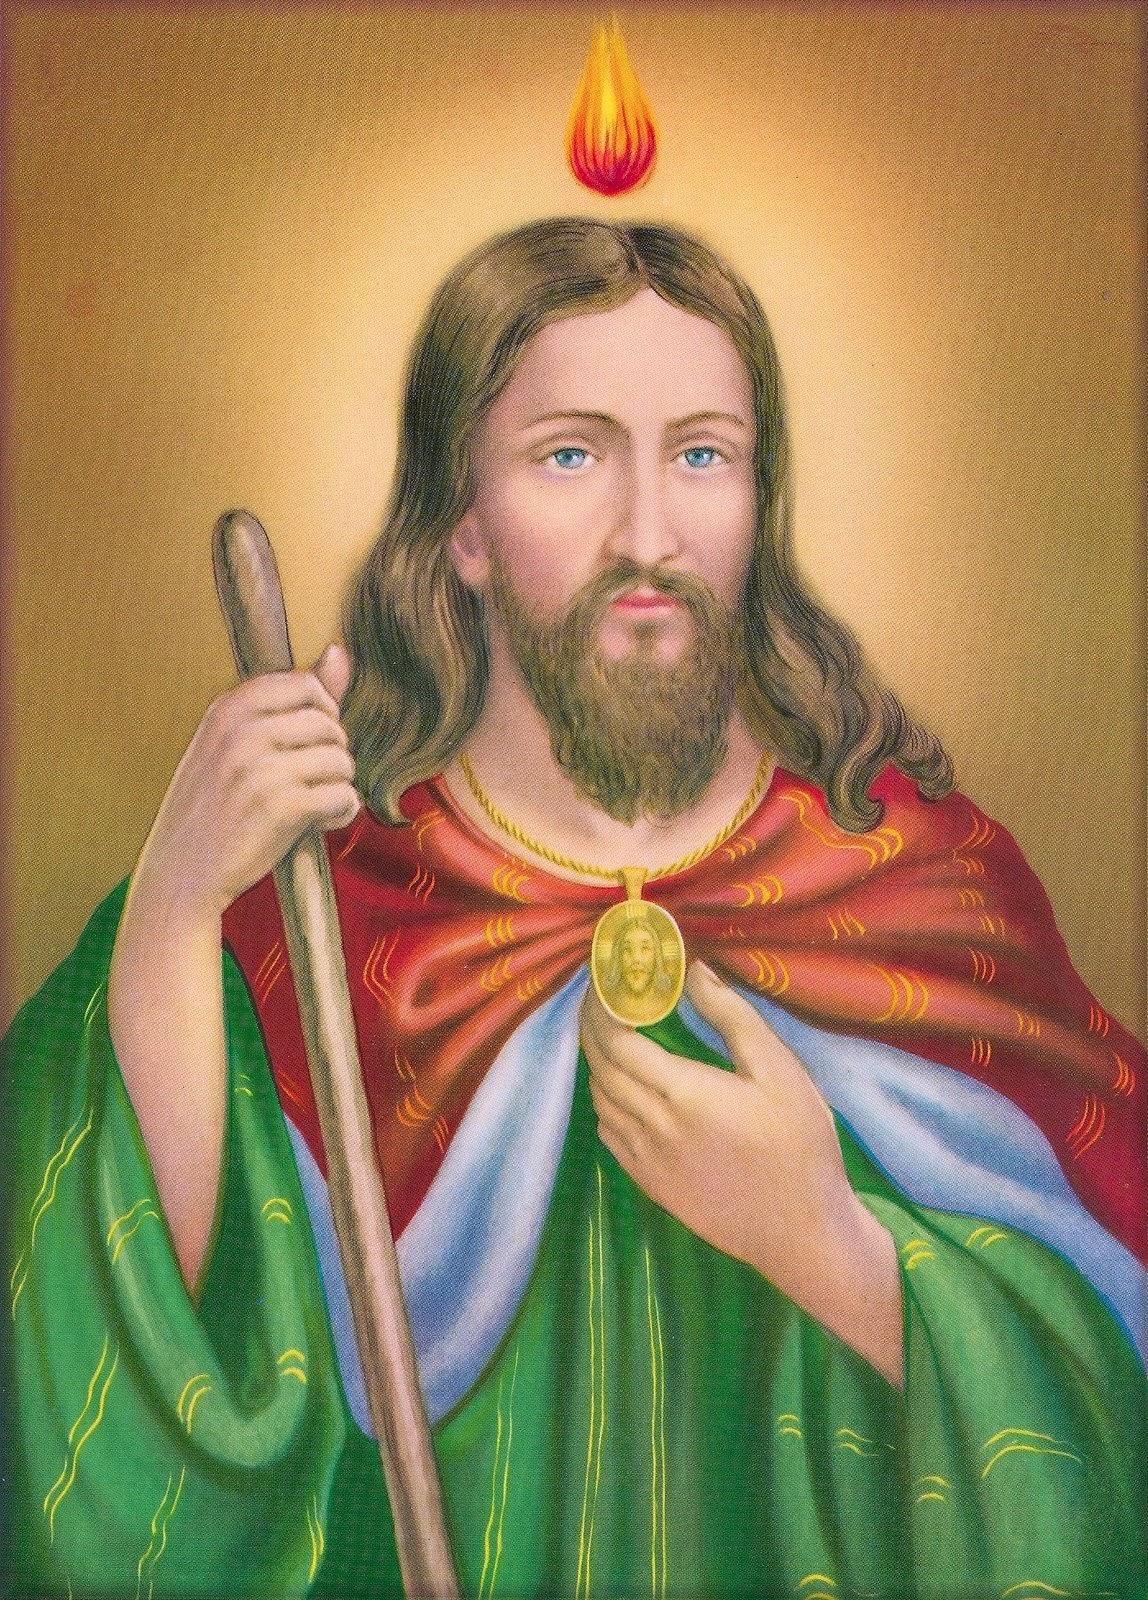 Blog cat 211 lico gotitas espirituales im 193 genes de san judas tadeo